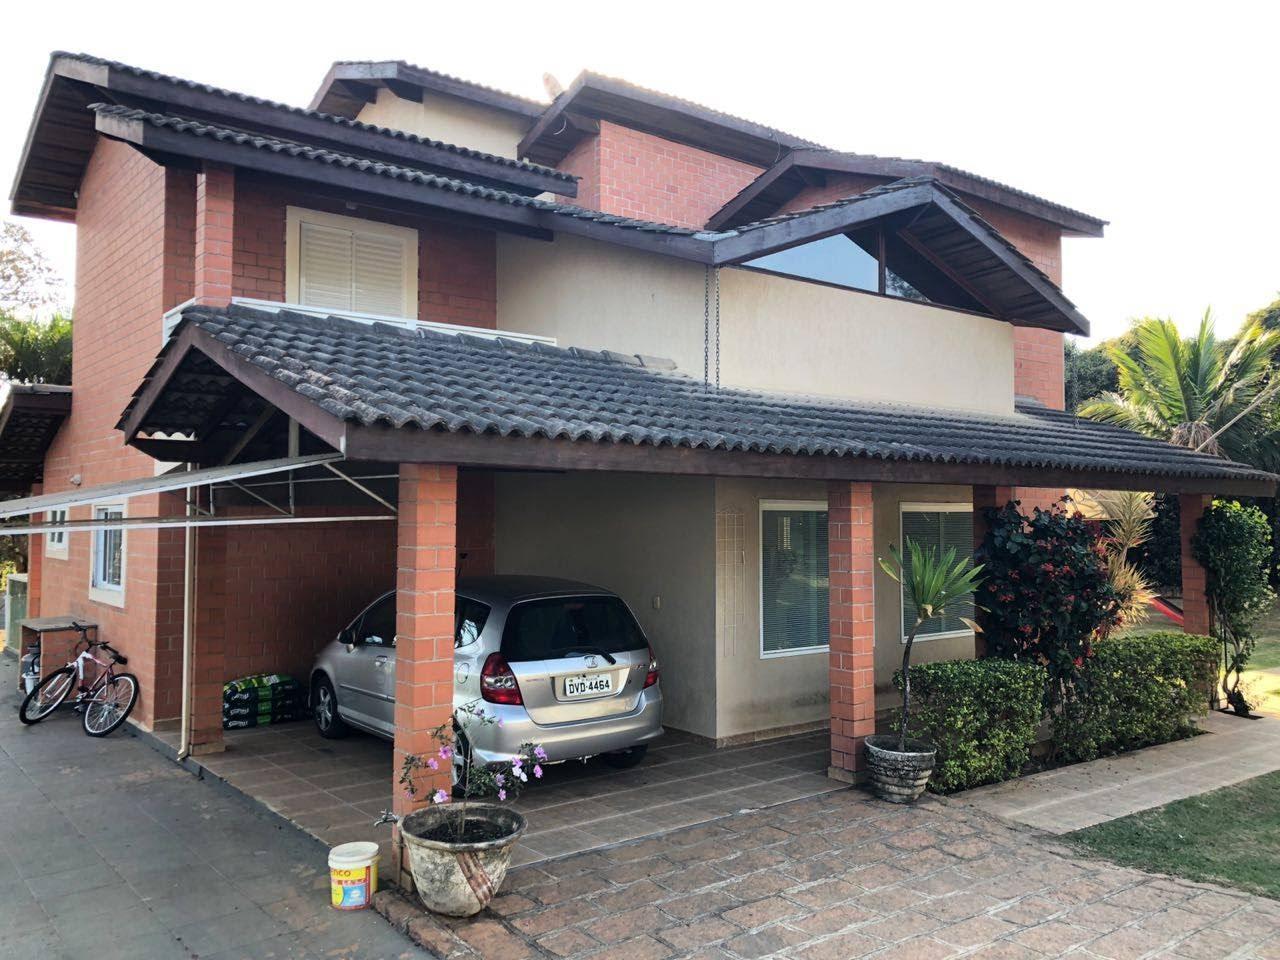 Chácara com 3 dormitórios à venda, 2580 m² por R$ 1.028.200 - Jardim Portal de Itaici - Indaiatuba/SP